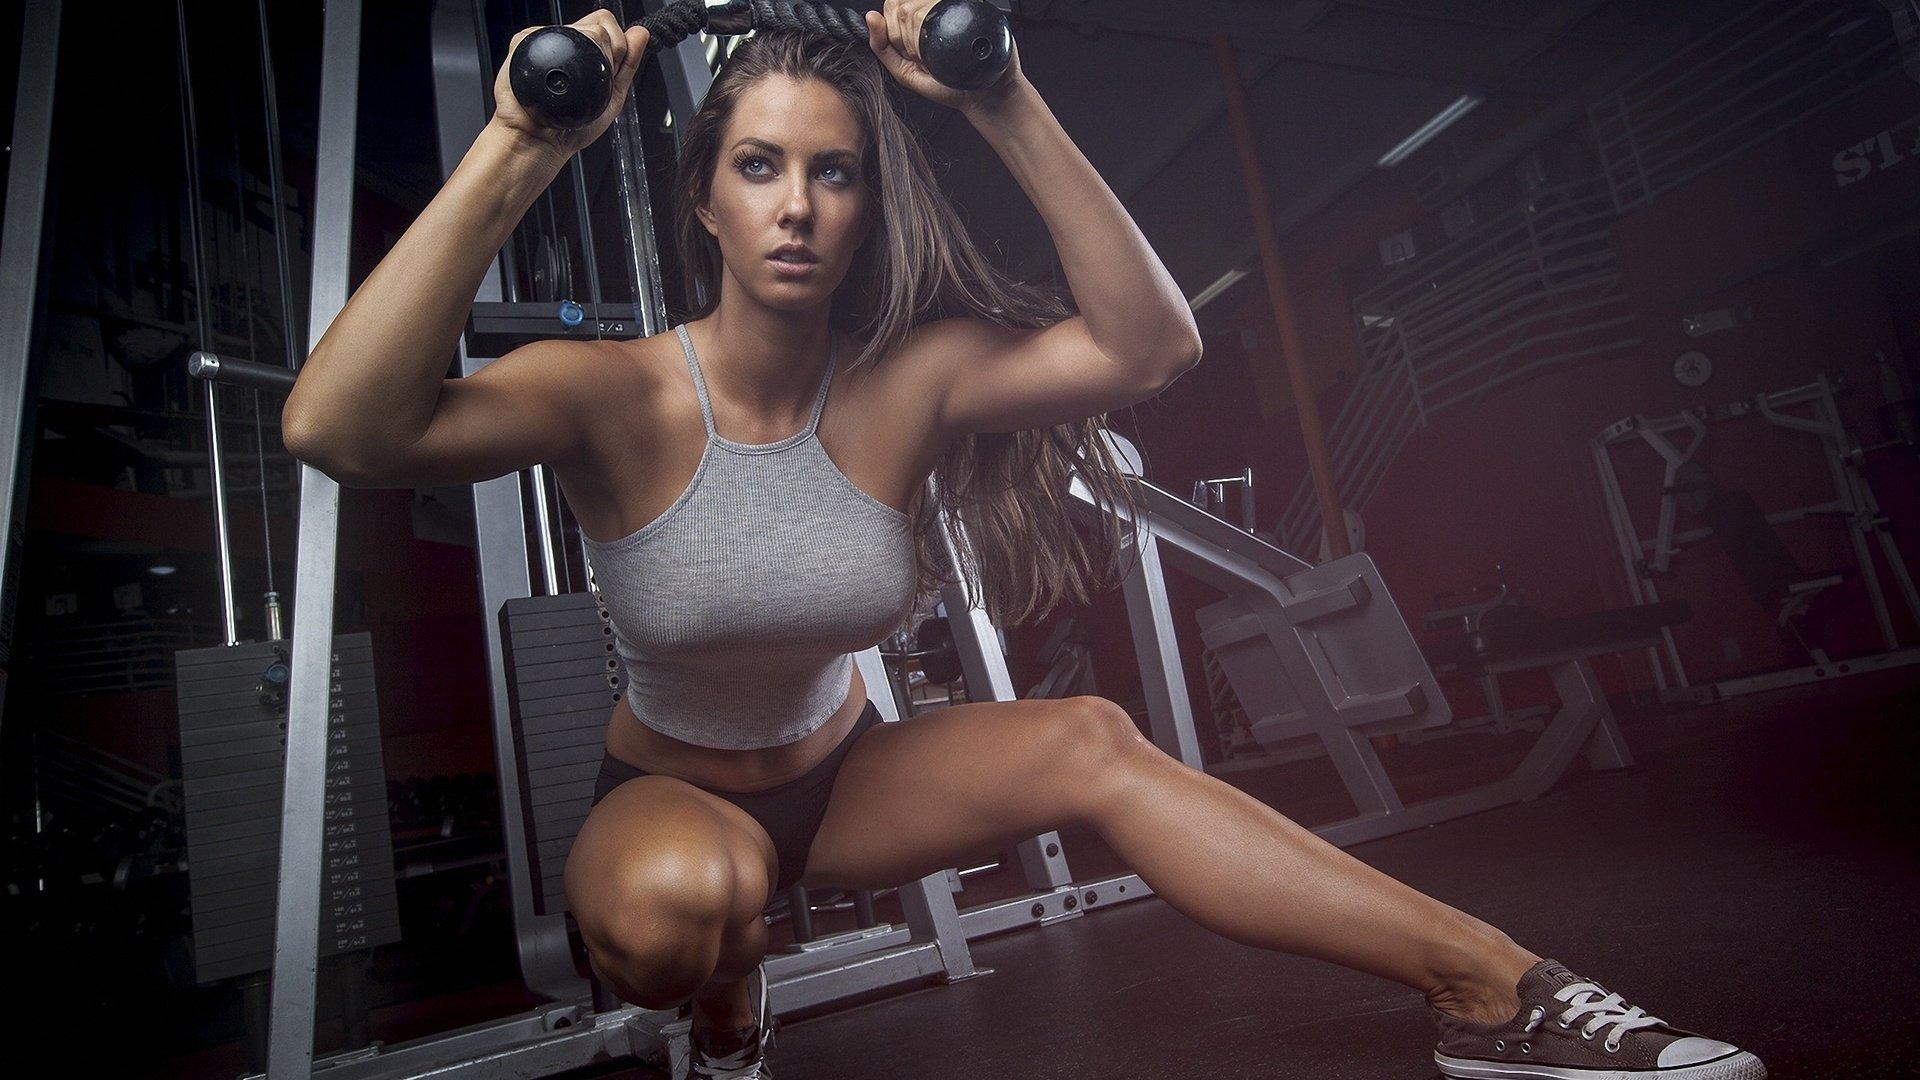 Фото девушек в фитнес зале, Спортивные девушки (37 фото) 22 фотография